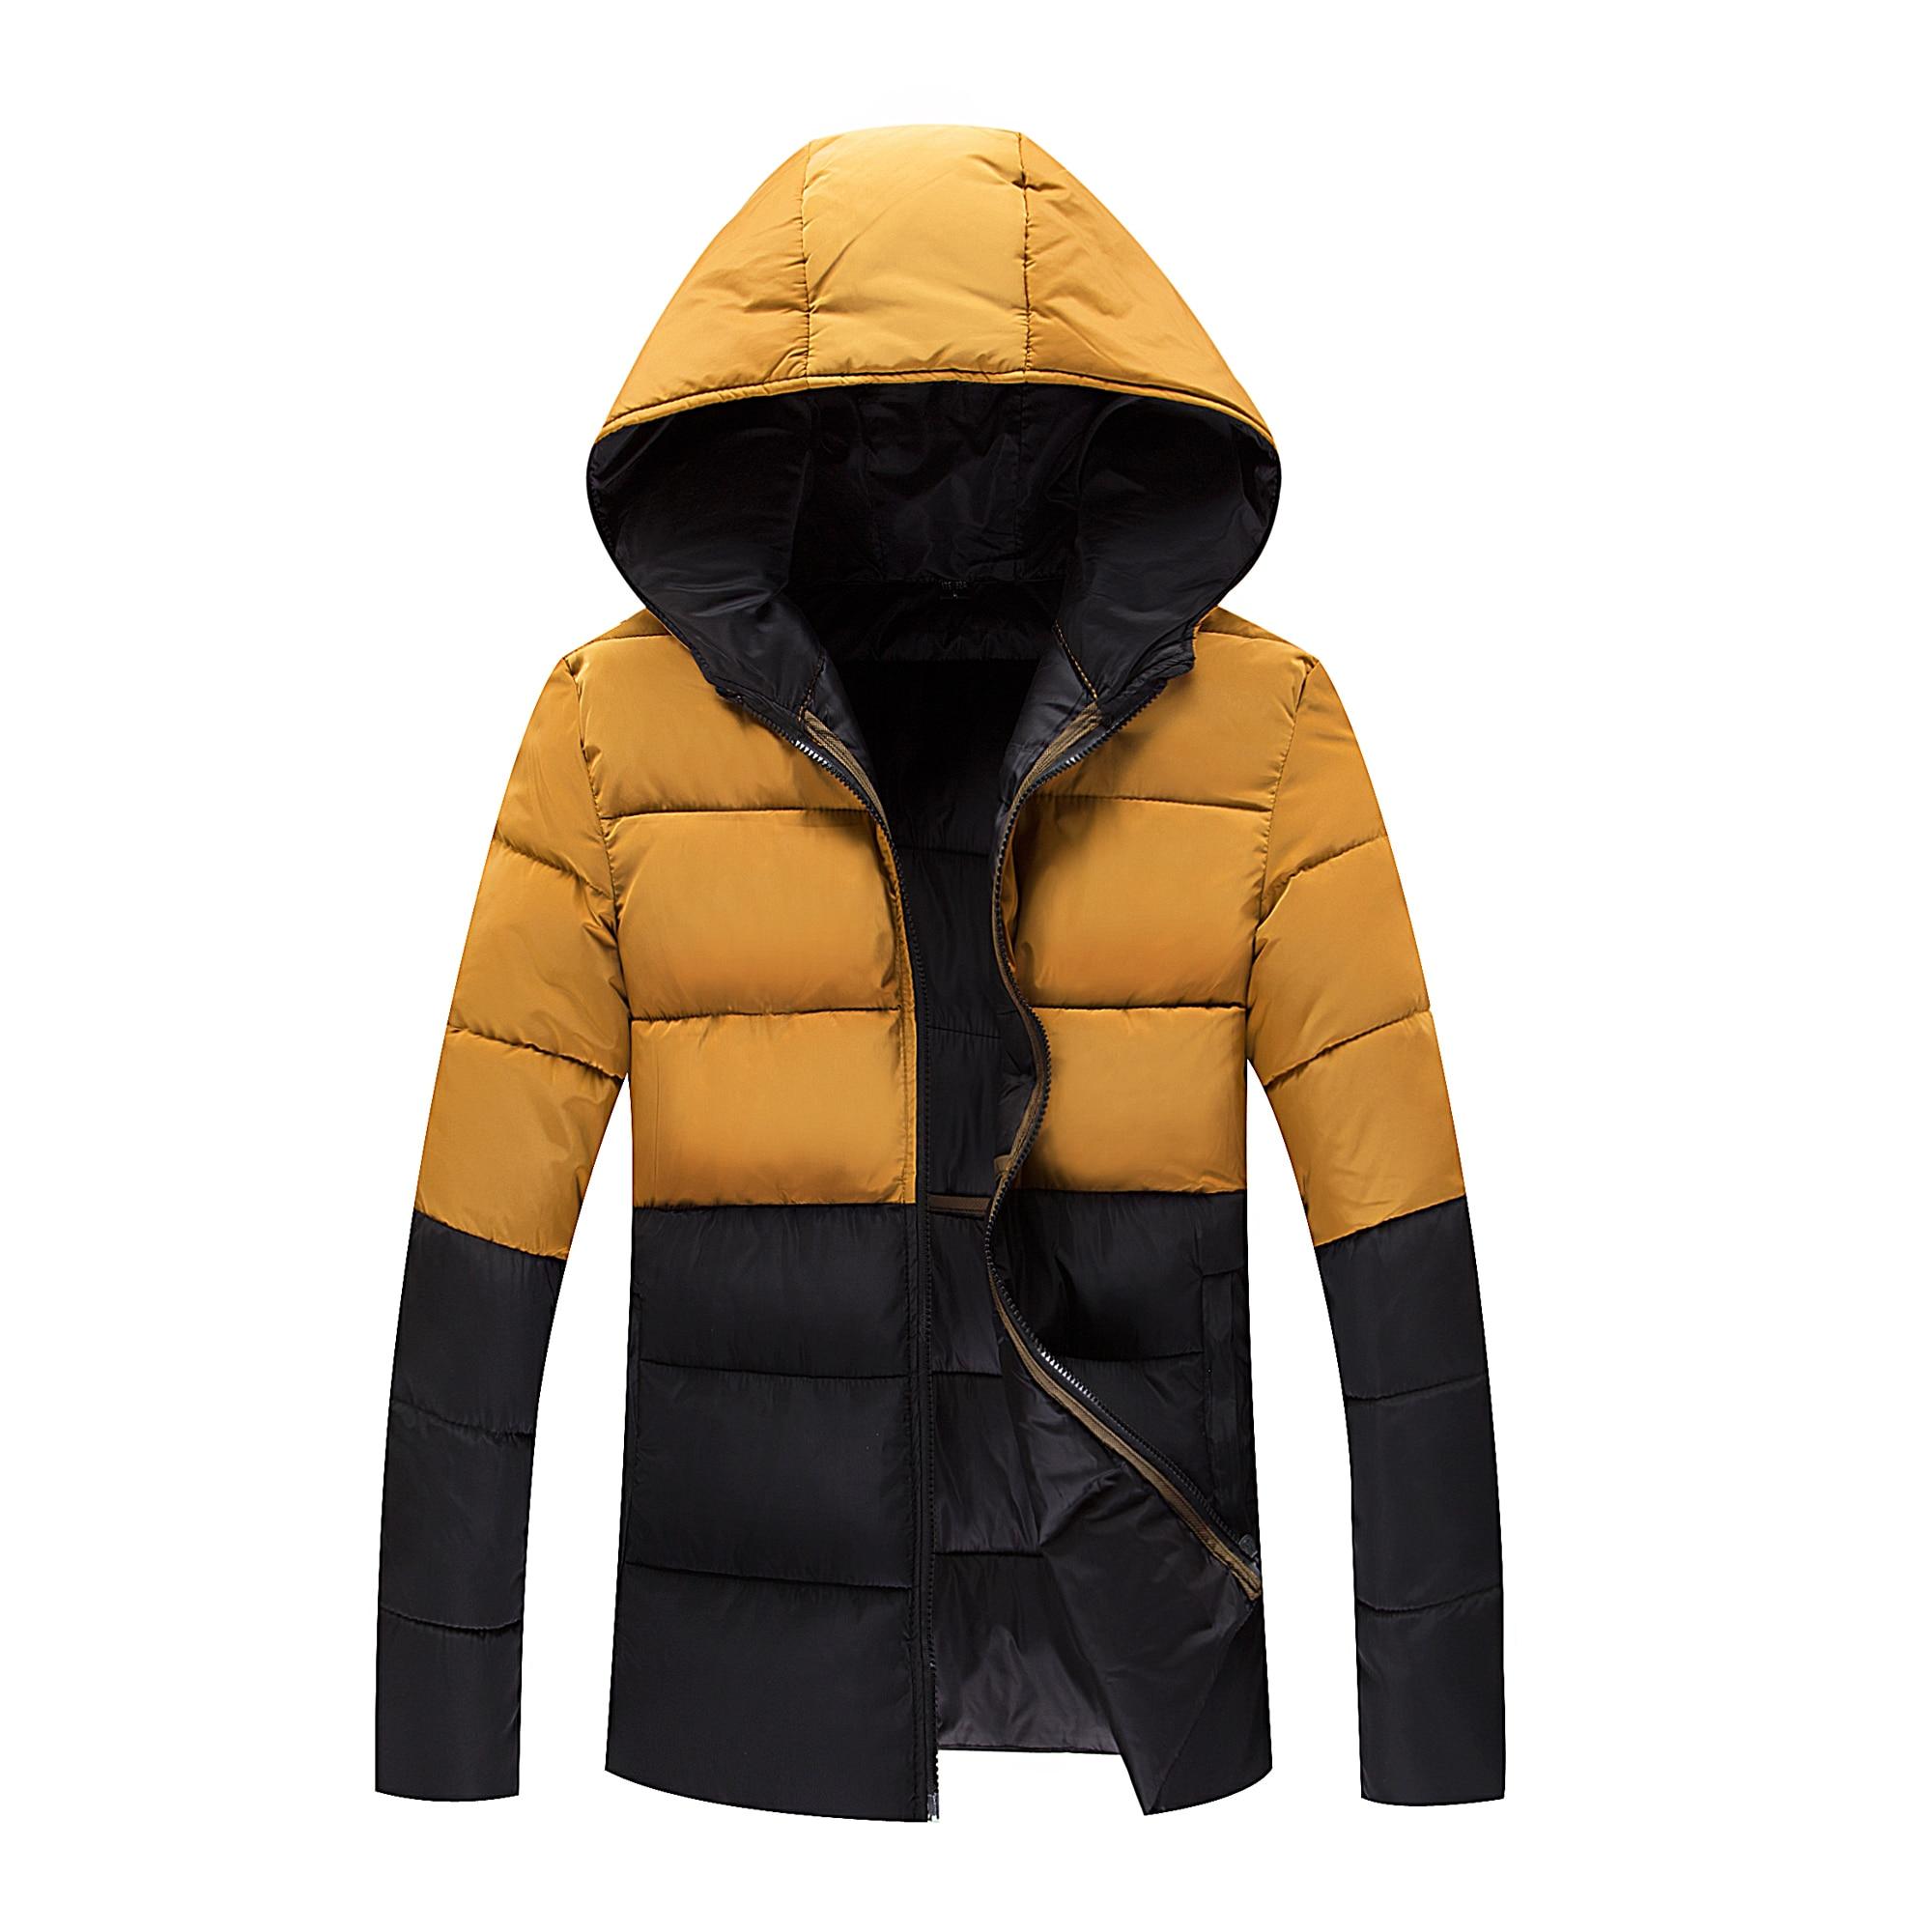 2017 Winter Thickening Waterproof Windproof Down Jacket Men's Cotton-padded Jacket Parka Outerwear Men Brand Wadded Jacket